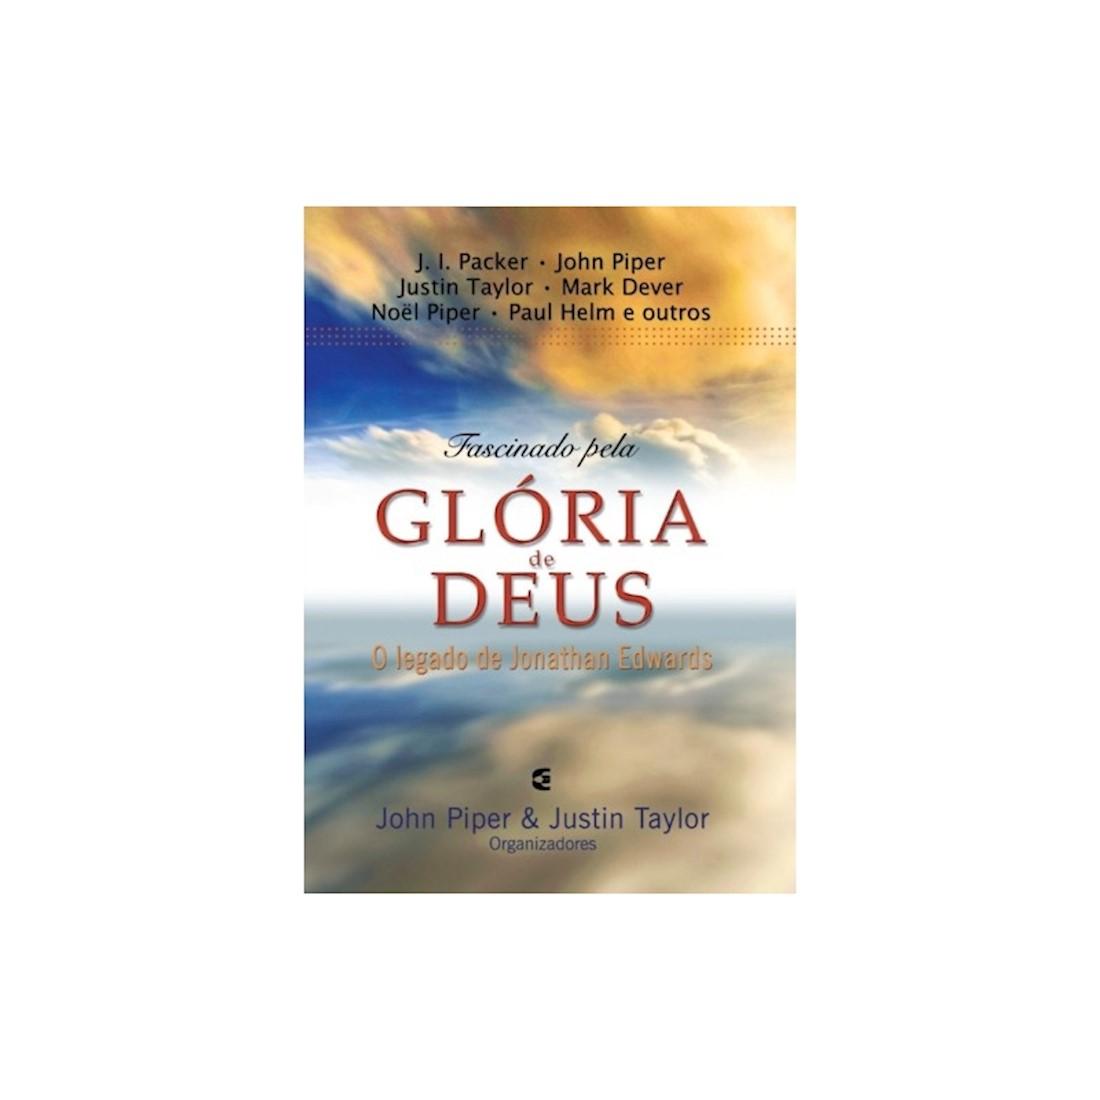 Livro Fascinado pela Glória de Deus